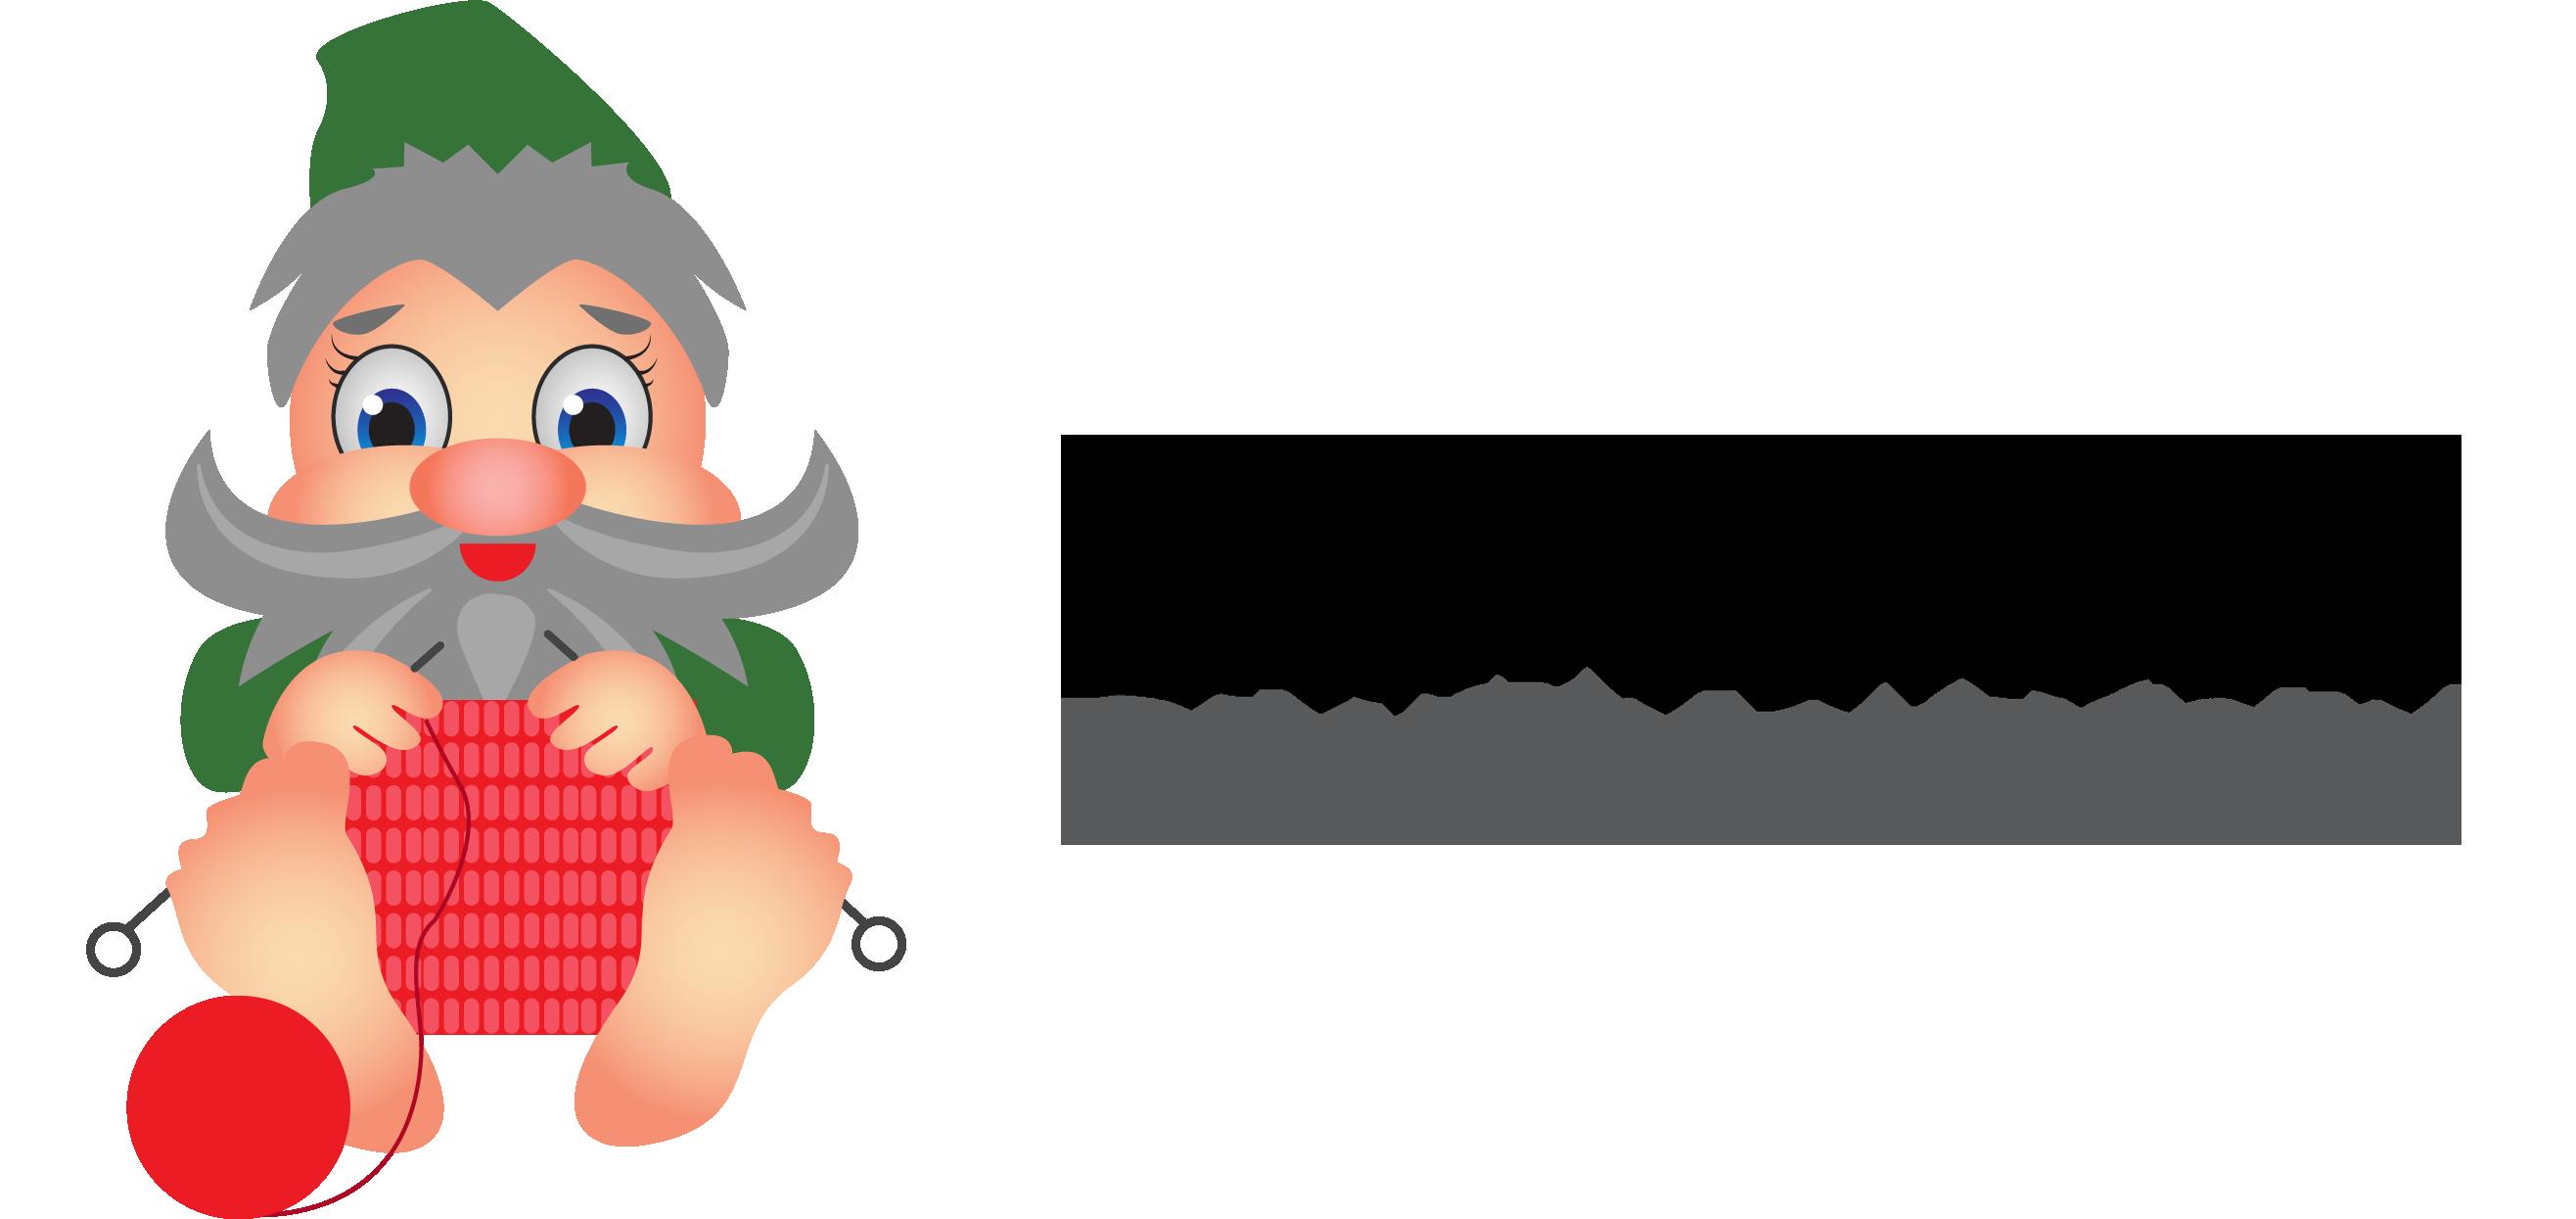 Все для творчества, шитья и рукоделия - интернет-магазин  «Самовязов» г. Санкт-Петербург